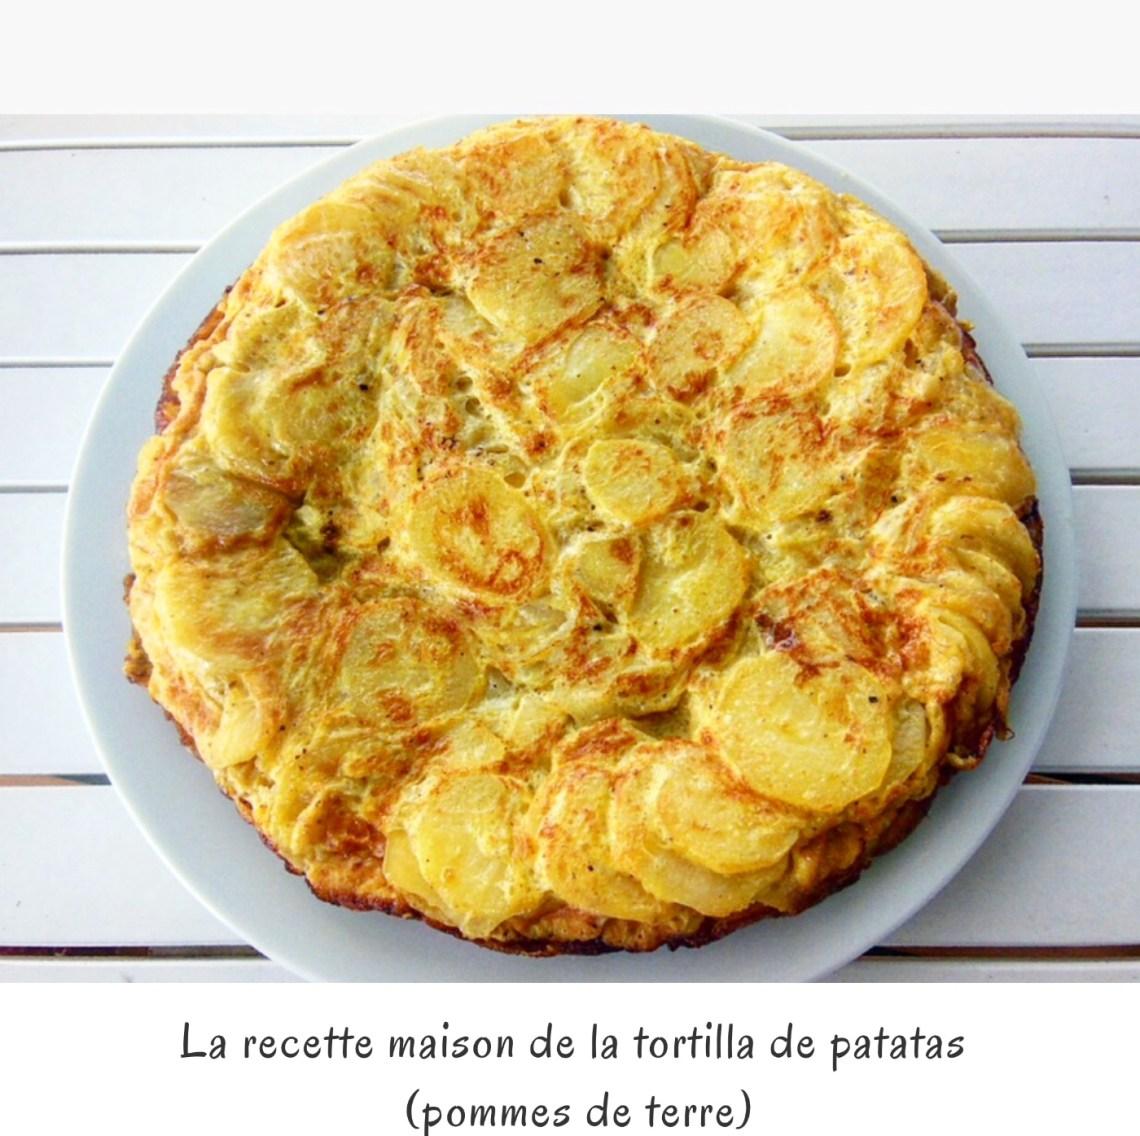 La recette maison de la tortilla de patatas (pommes de terre)